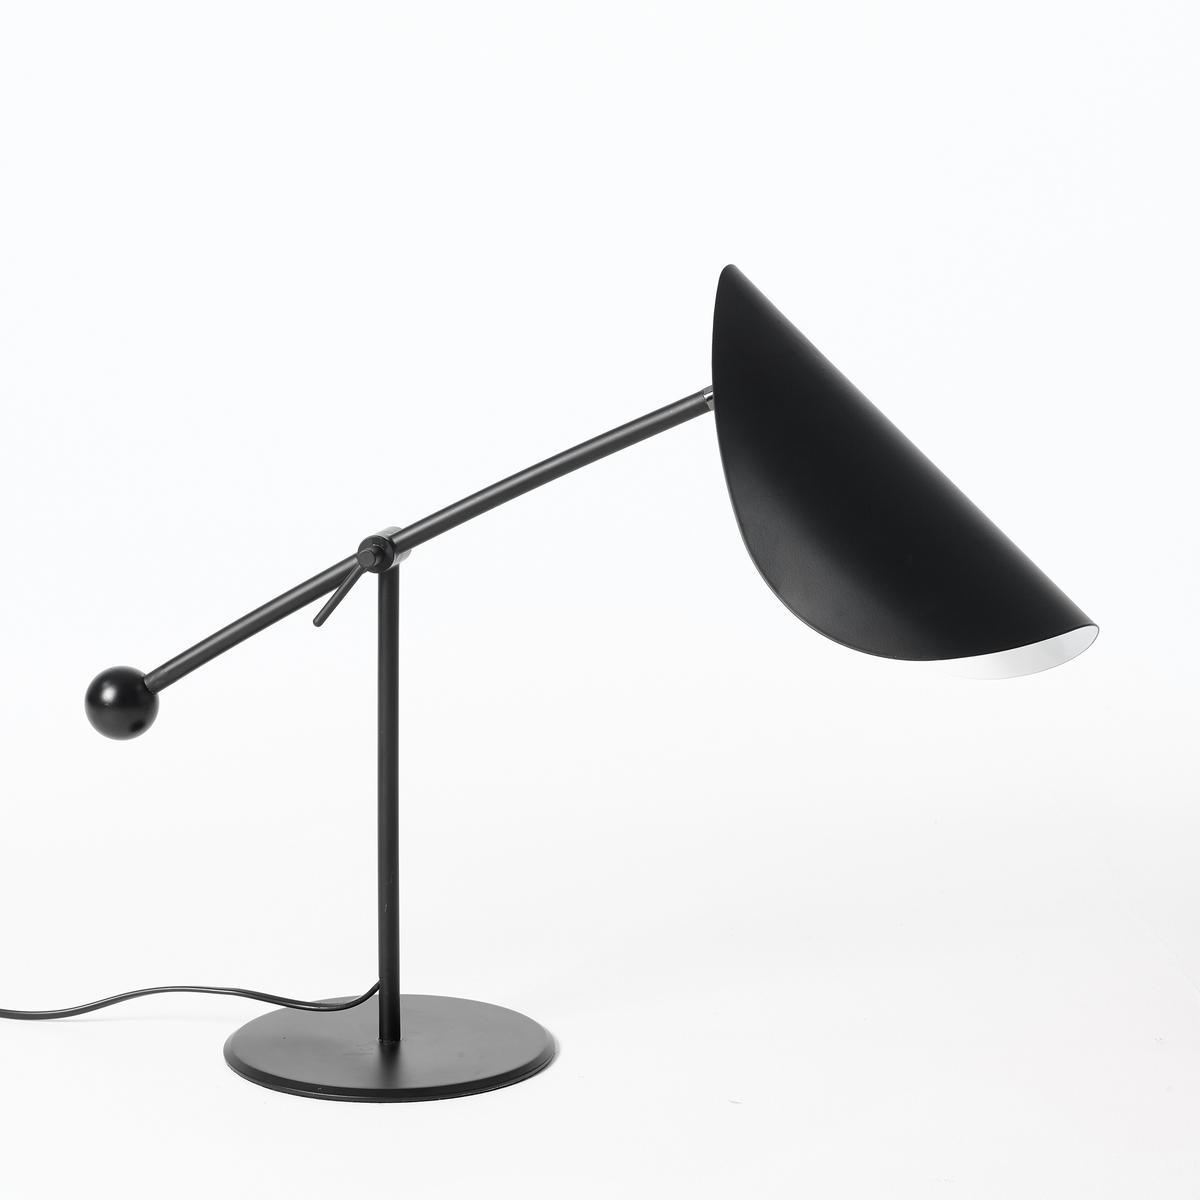 Лампа настольная FunambuleНастольная лампа Funambule. Тонкая и воздушная форма, вдохновленная движущимися объектами и природой, поворачивающийся абажур в форме листа.Характеристики :Из металла с матовым эпоксидным покрытием- Патрон E14 для компактной флуоресцентной лампы макс. 8 Вт (non fournie)- Совместима с лампами класса энергопотребления A Размеры :- Ш.30 x В.67 x Г.27 см.<br><br>Цвет: серо-бежевый,черный